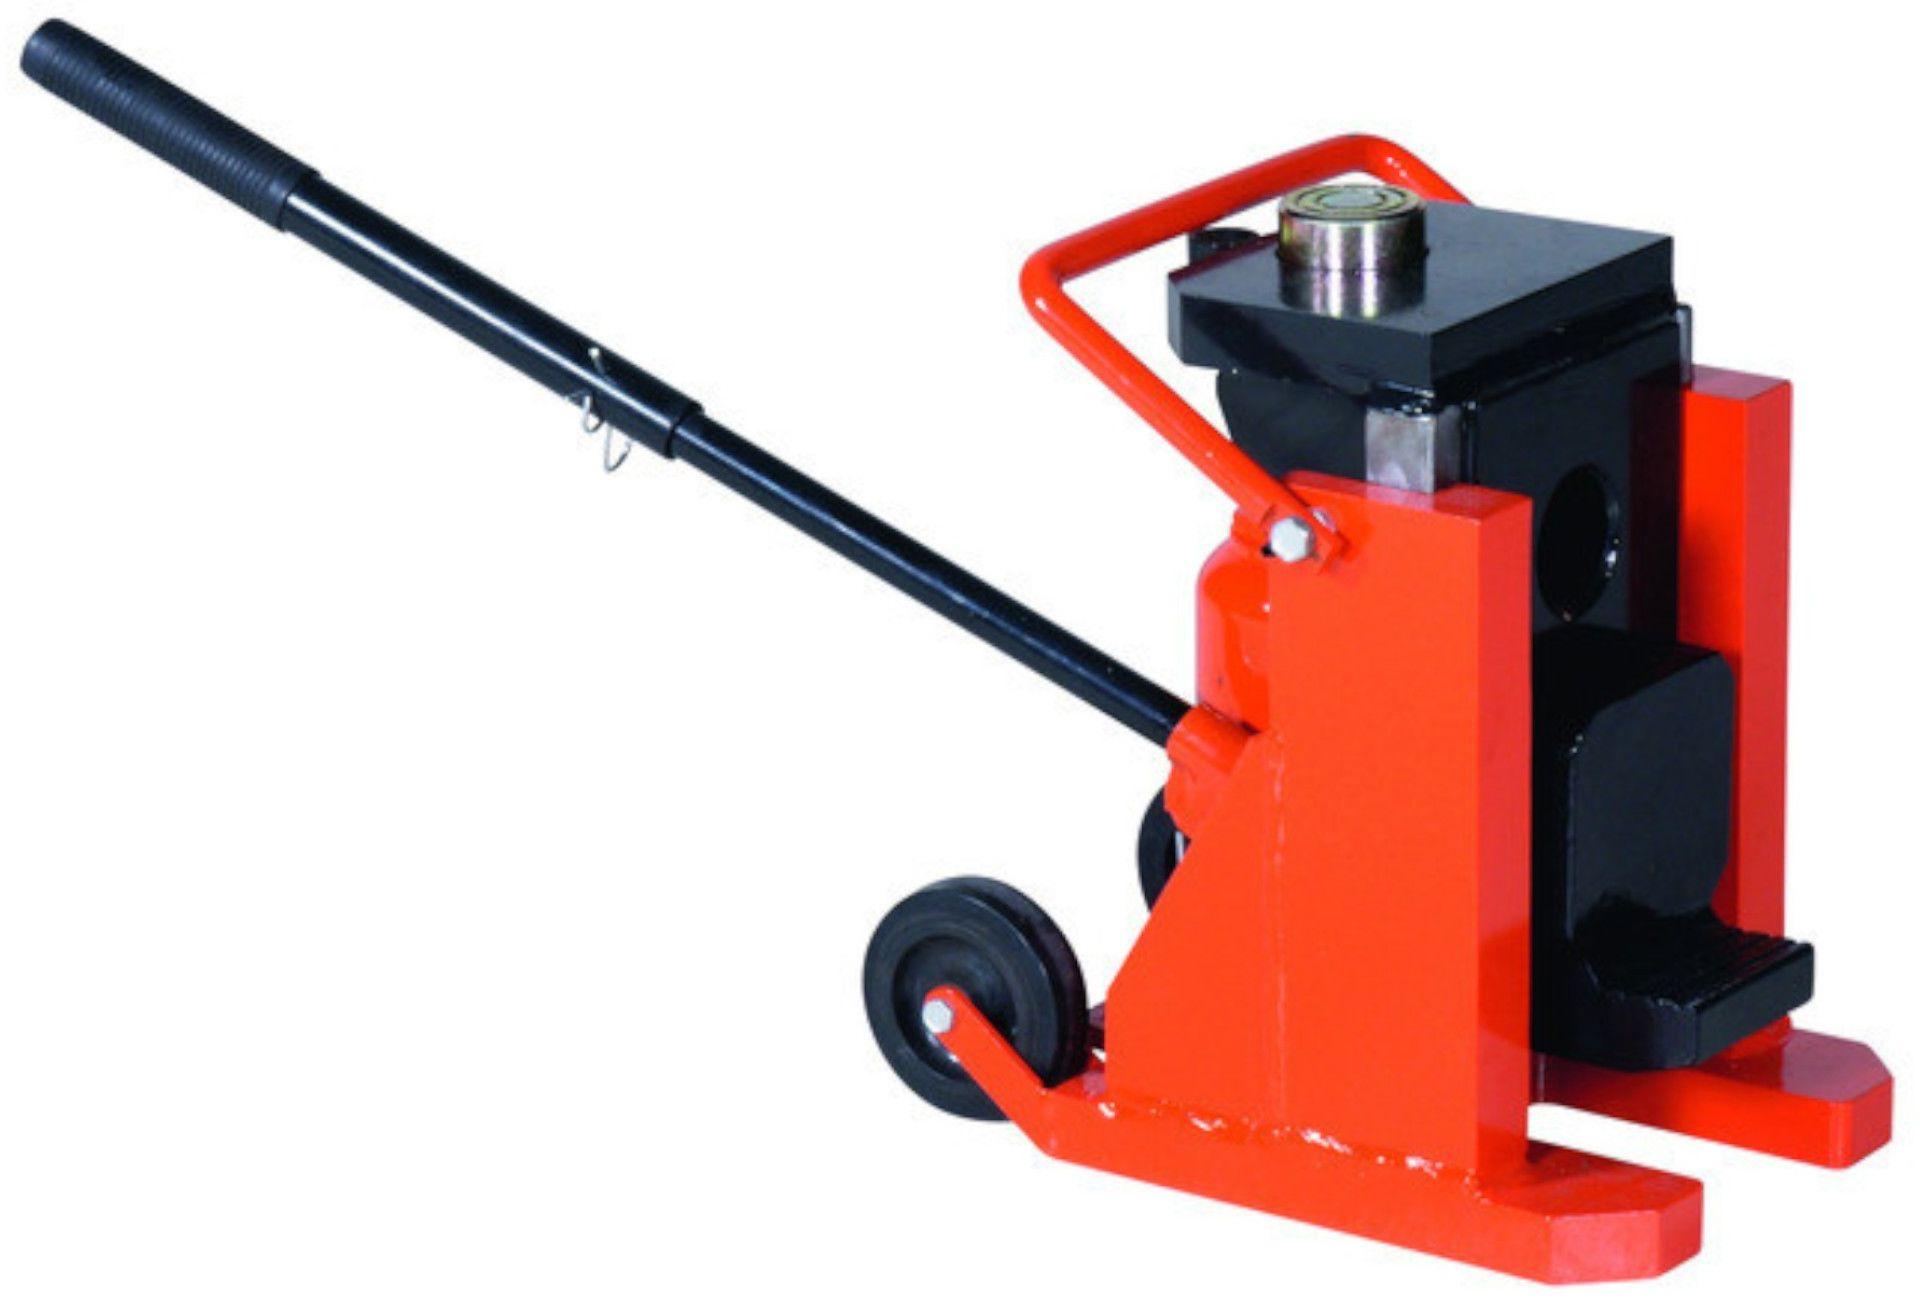 TB200 Podnośnik do maszyn - lewarek podnośnikowy 12-15 ton